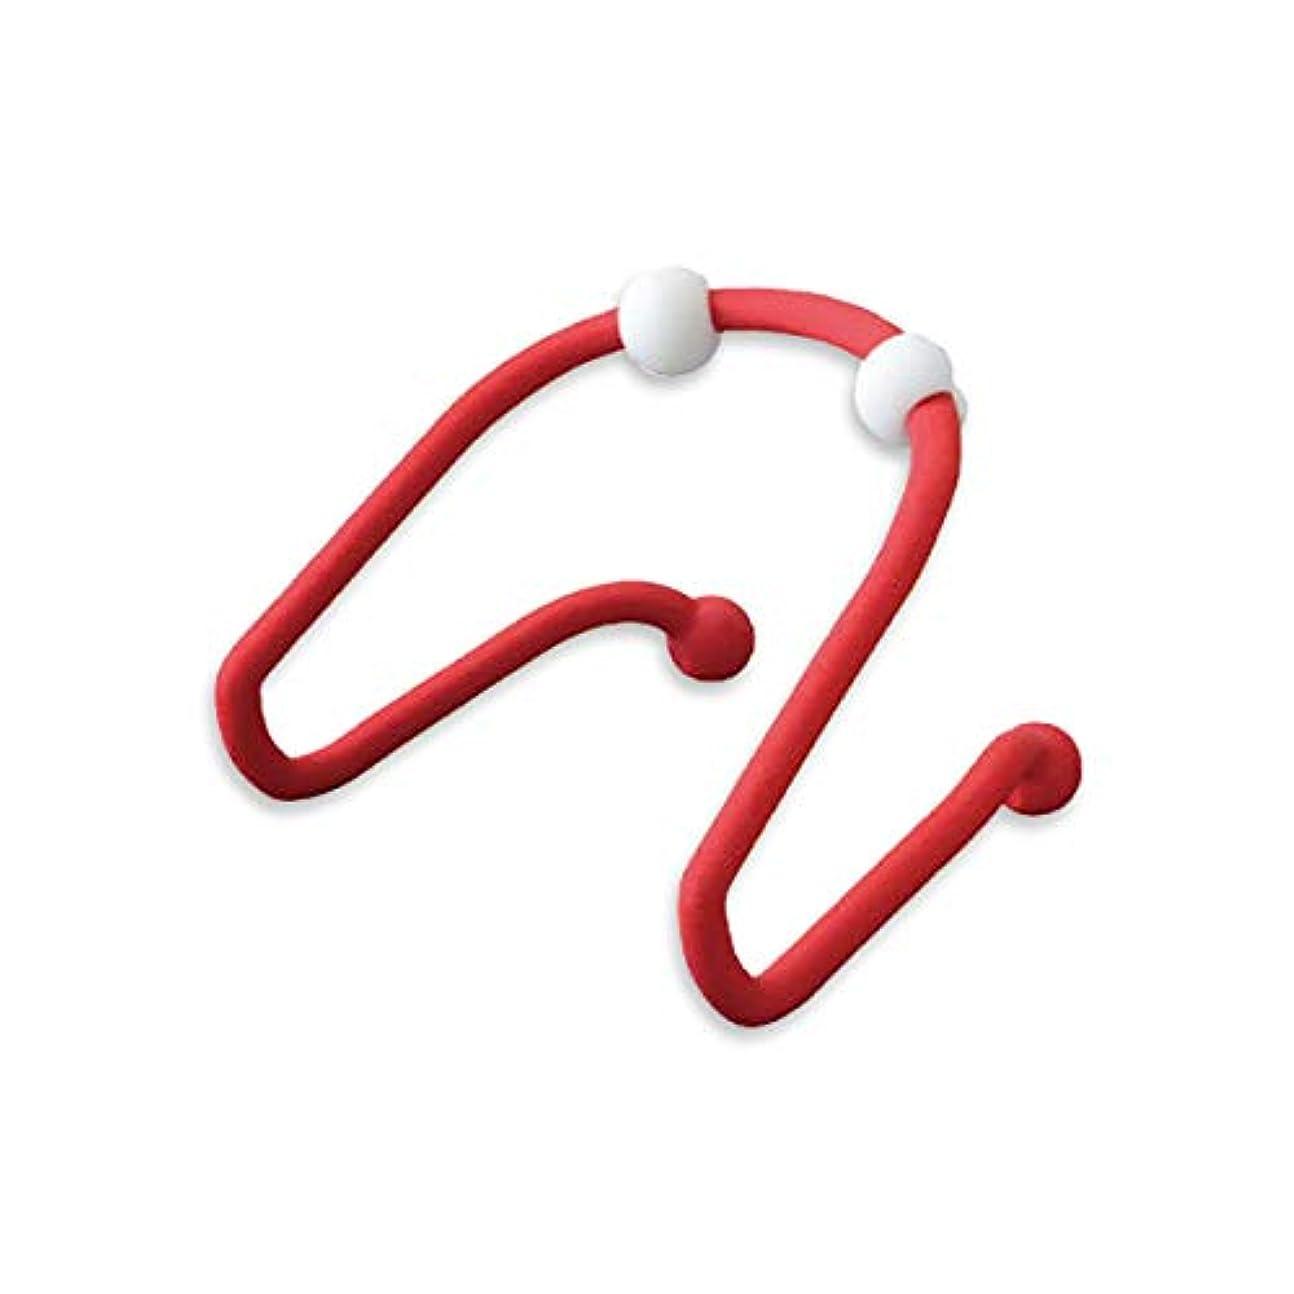 軽急襲被害者HAMILO 首用ツボ押しマッサージ器 ネック 首用マッサージ器 ツボ押し器 首 肩 (レッド)